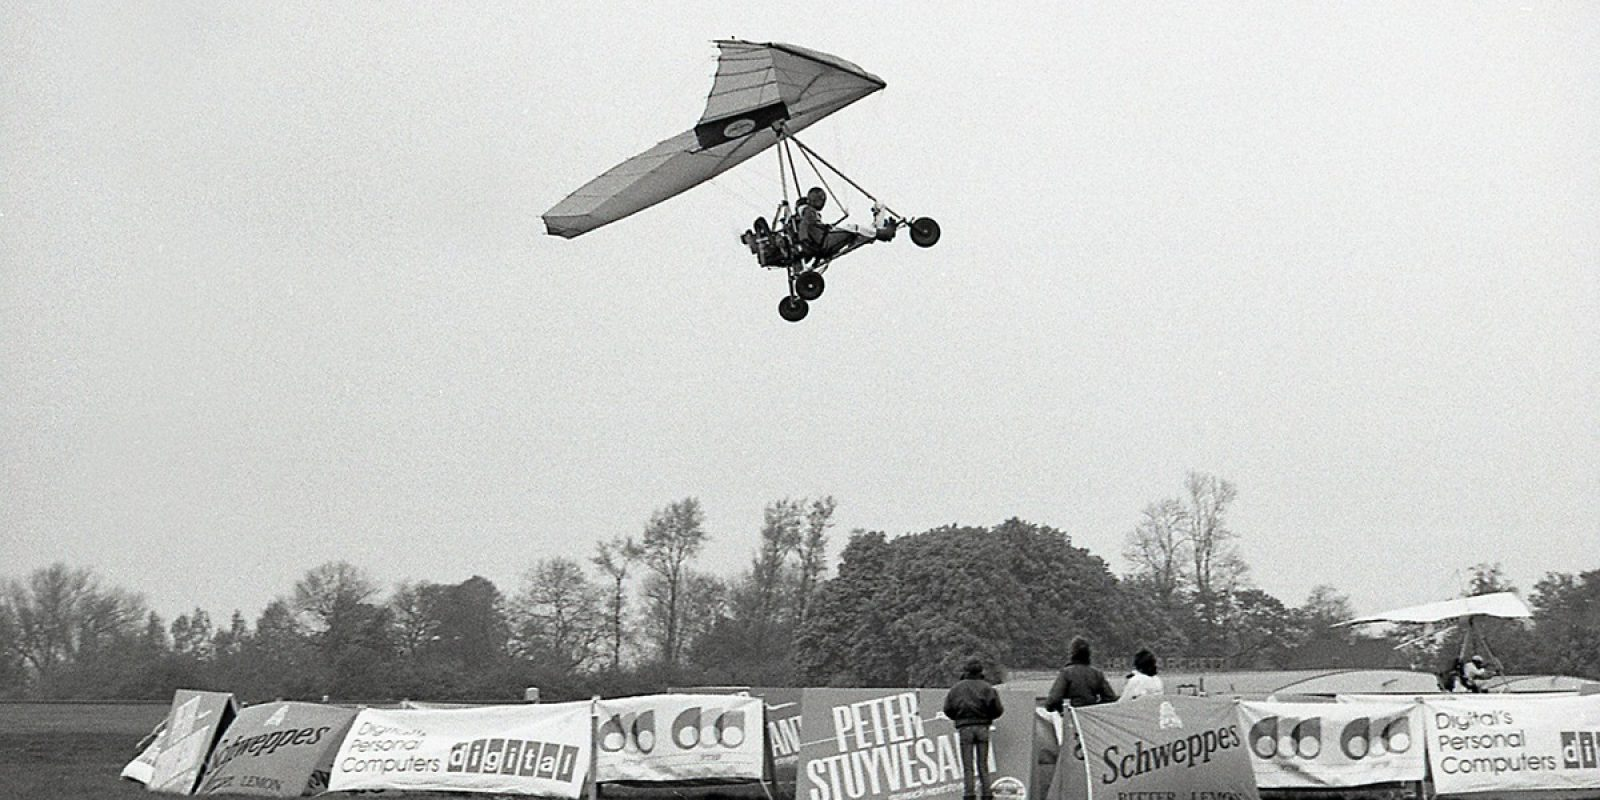 Première prestation lors d'une épreuve ULM des deux compères Alain Hanse et Michel Schoenaers, qui découvrent sur leur premier DPM (une aile Microbel associée à un chariot biplace Azur B) les plaisirs du largage de sac de sable dans la cible à l'aéroport de Charleroi-Gosselies le 13 mai 1984. (Photo Guy Viselé)